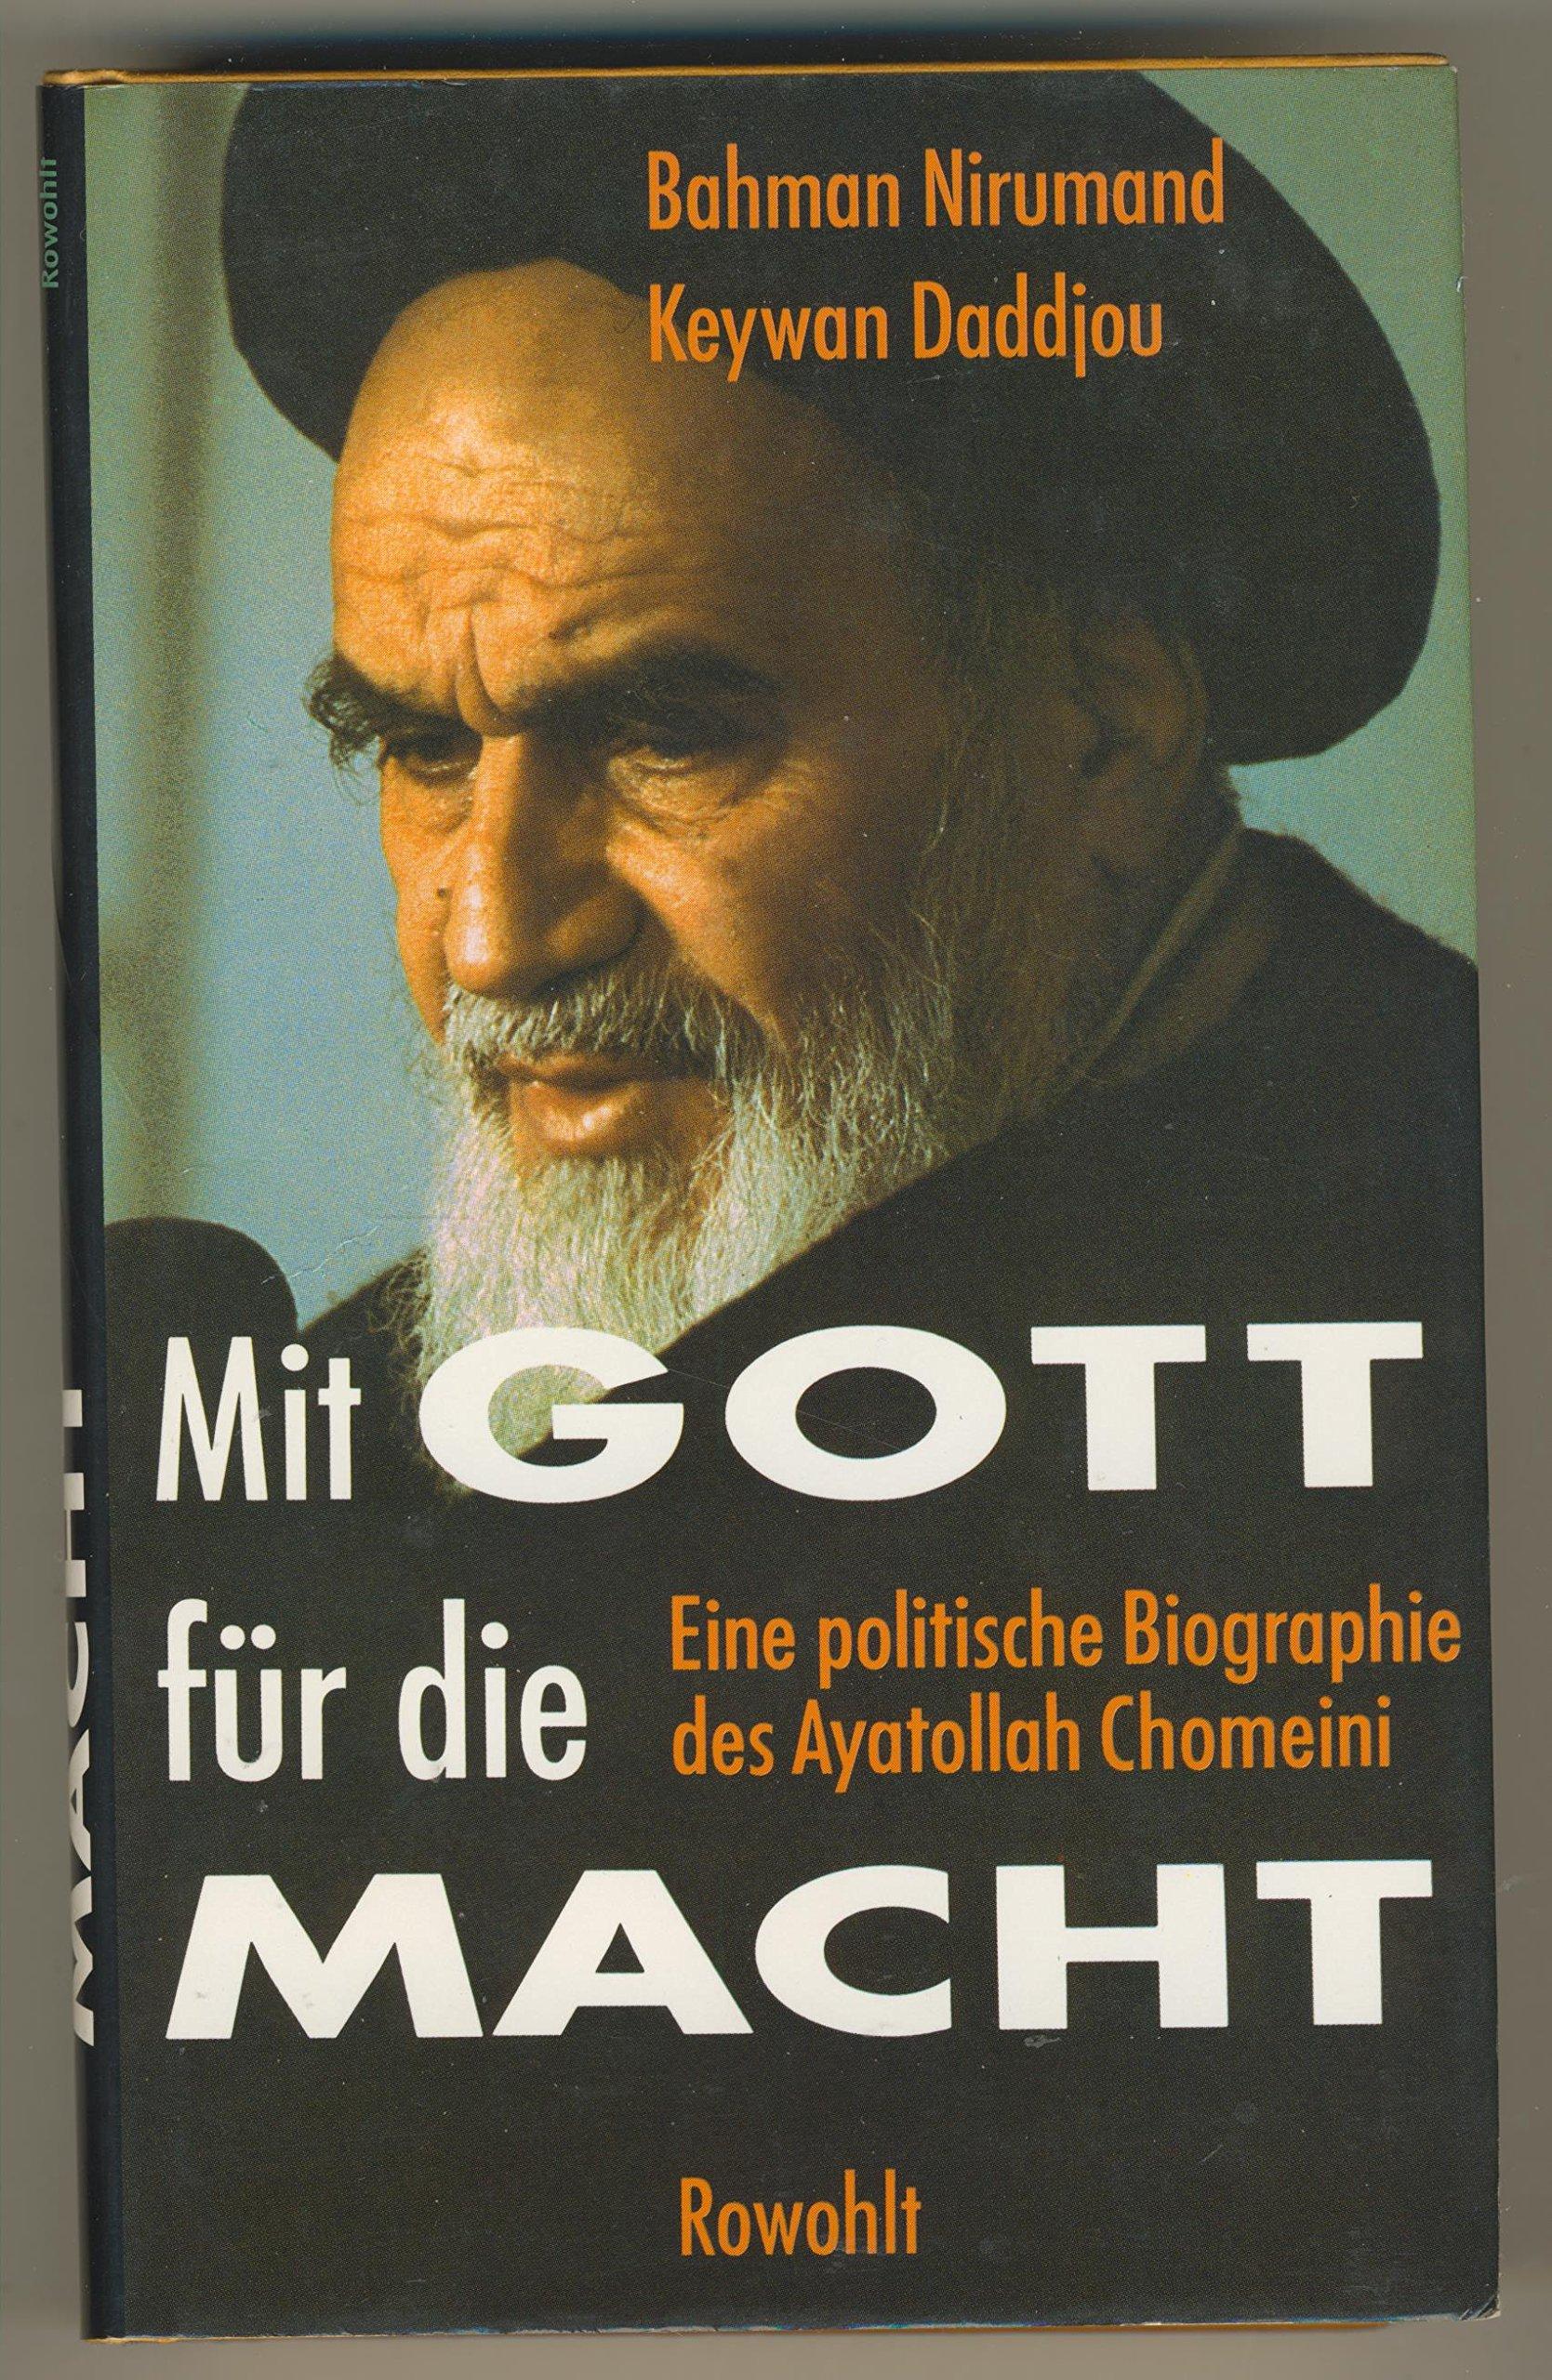 Mit Gott für die Macht. Eine politische Biographie des Ayatollah Chomeini